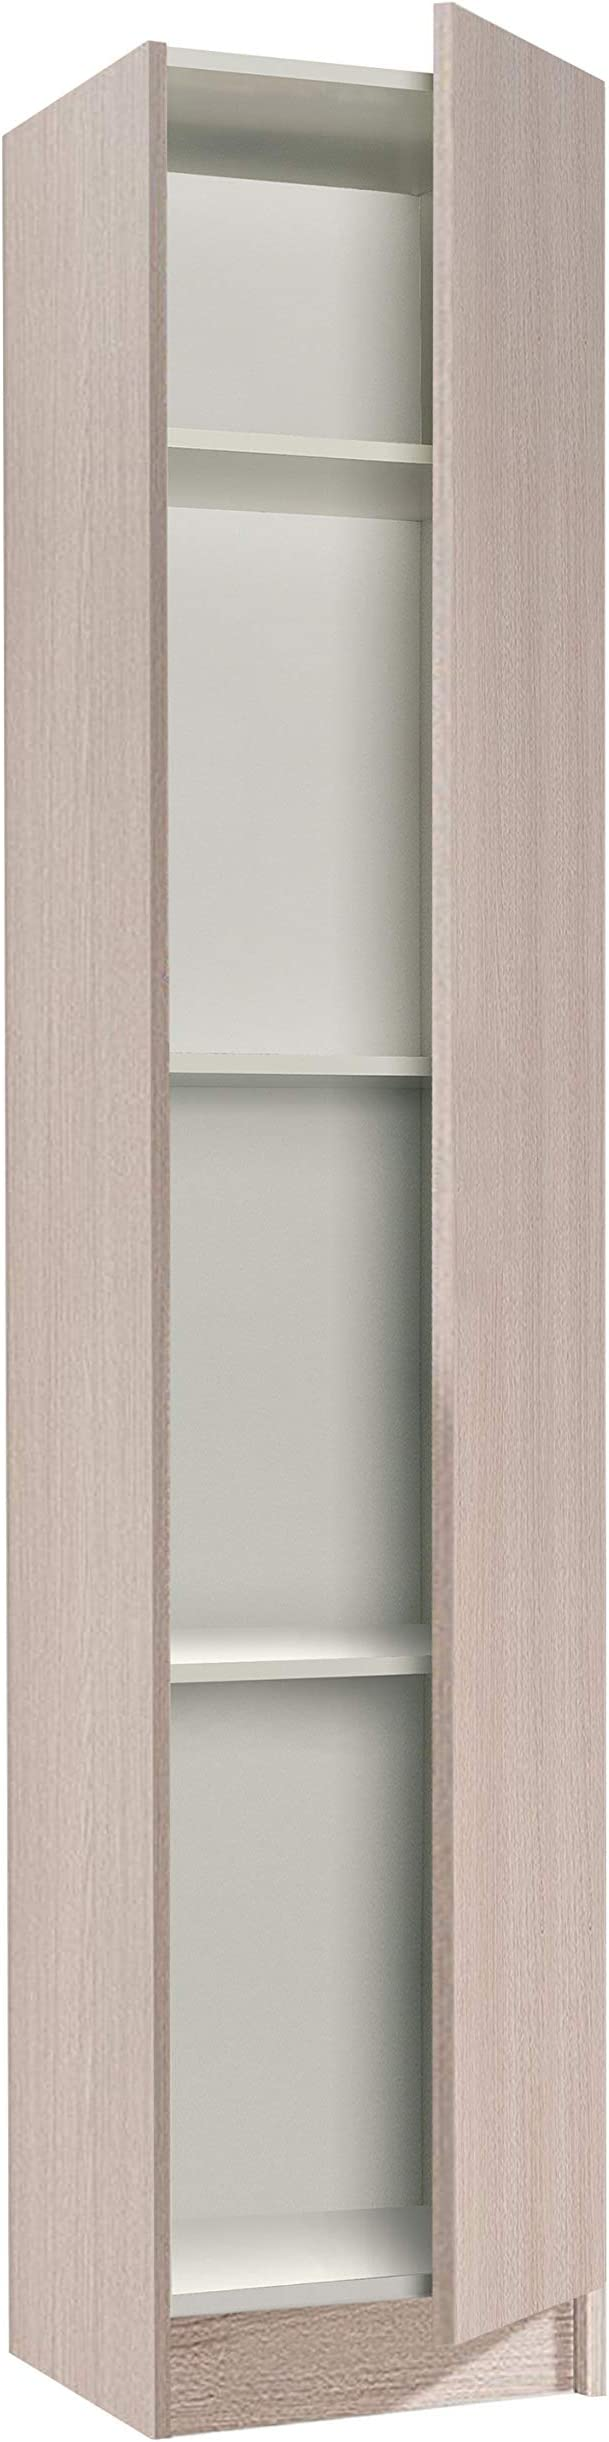 Habitdesign 007141R - Mueble Armario Multiusos 1 Puerta, Color ...